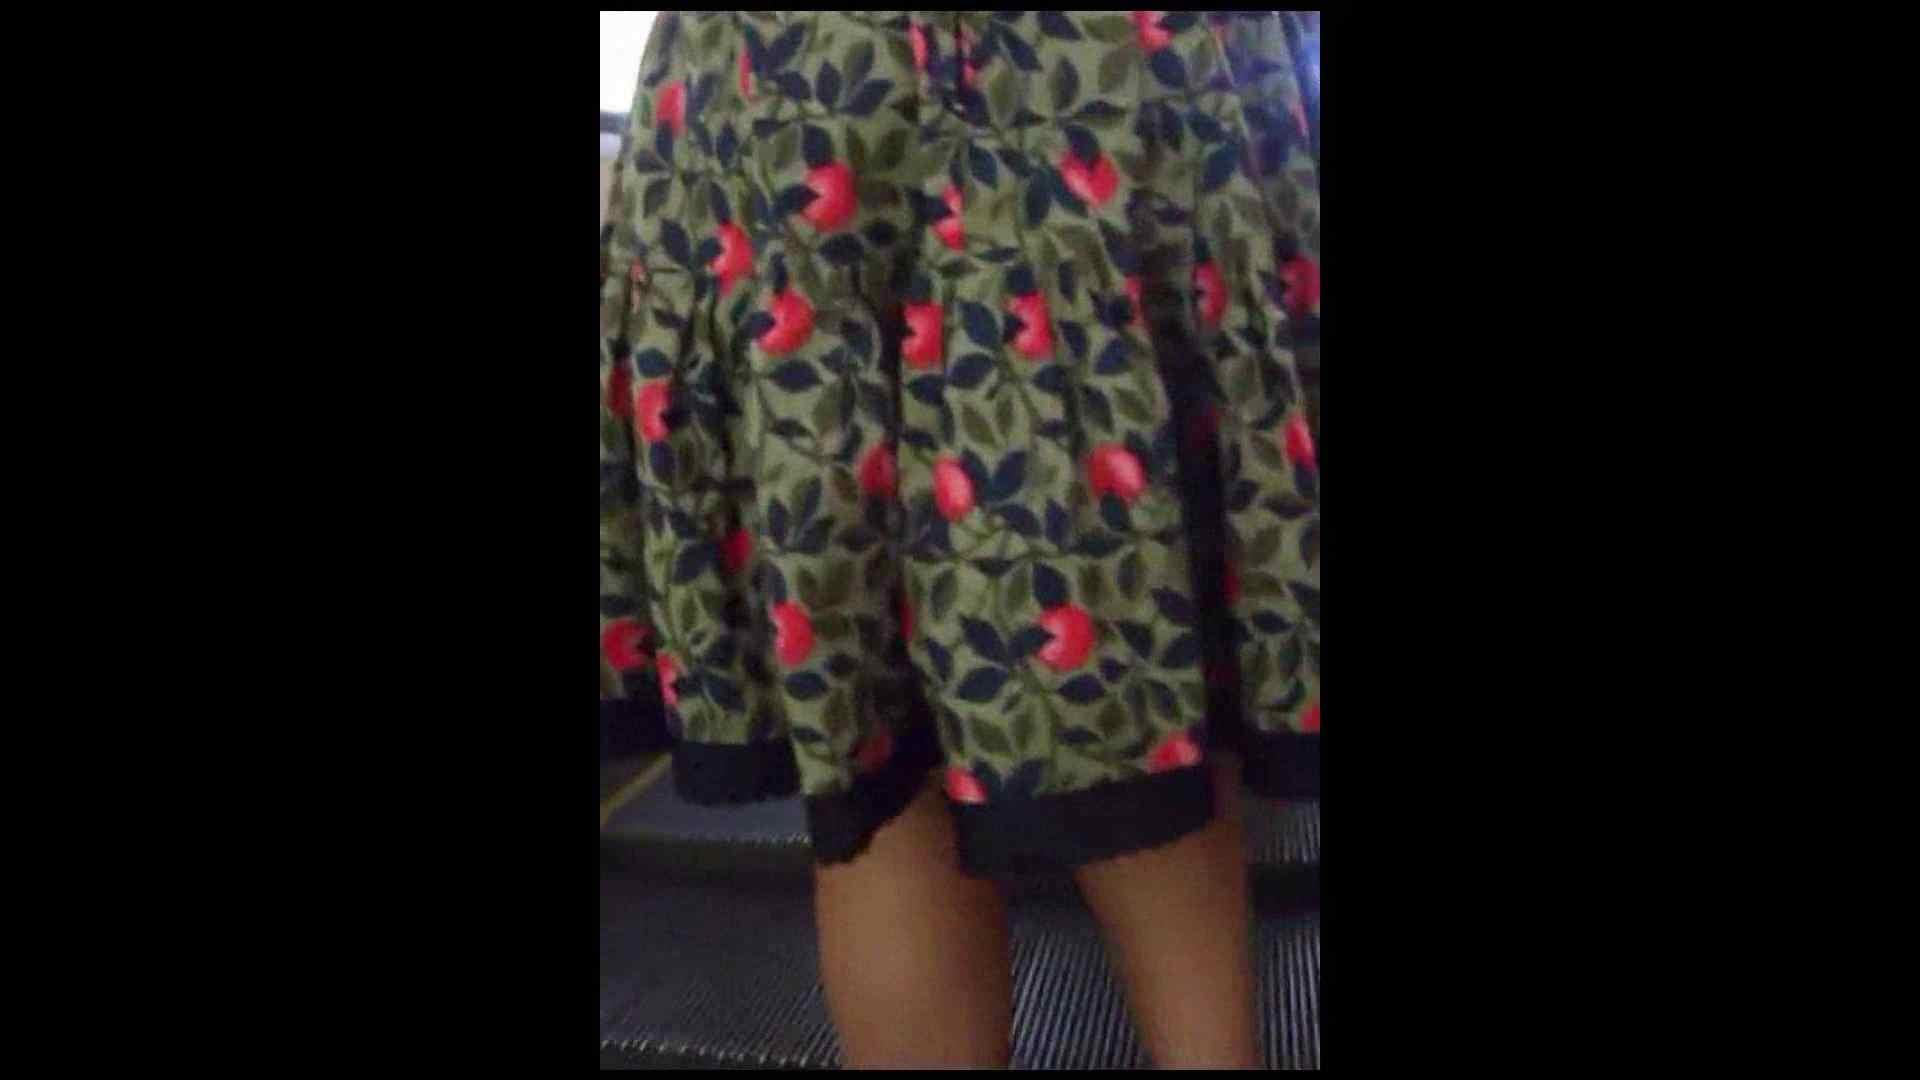 綺麗なモデルさんのスカート捲っちゃおう‼vol03 お姉さんのエロ生活  98連発 81